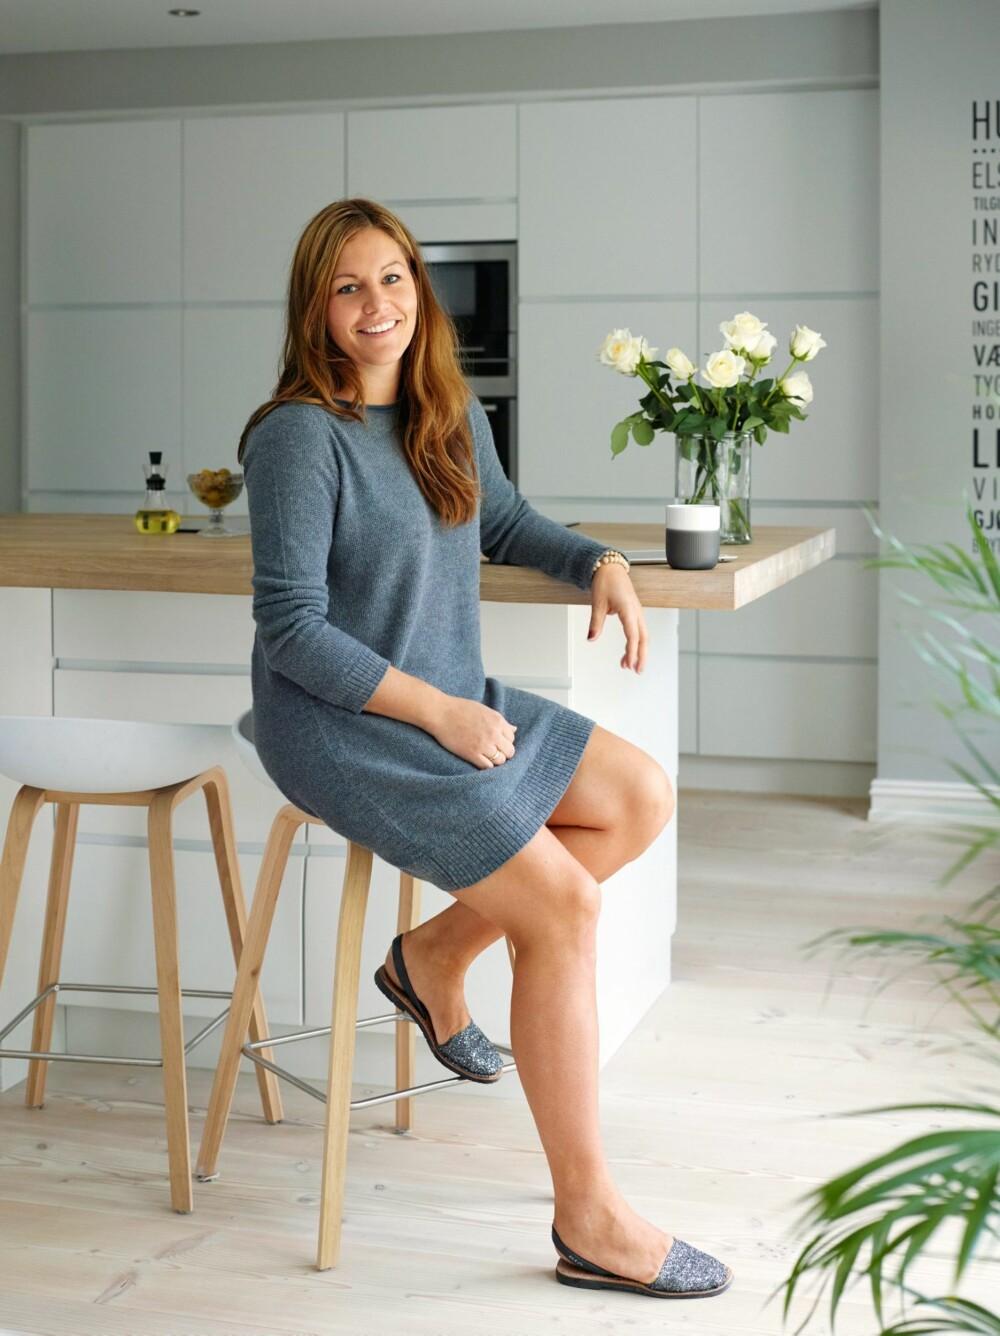 GOD PLASS: Kjøkkenet Mano matt fra Kvik har mye skapplass og praktiske løsninger. Barkrakkene, About a stool fra Hay, er som skapt for kjøkkenøya, synes Carina.